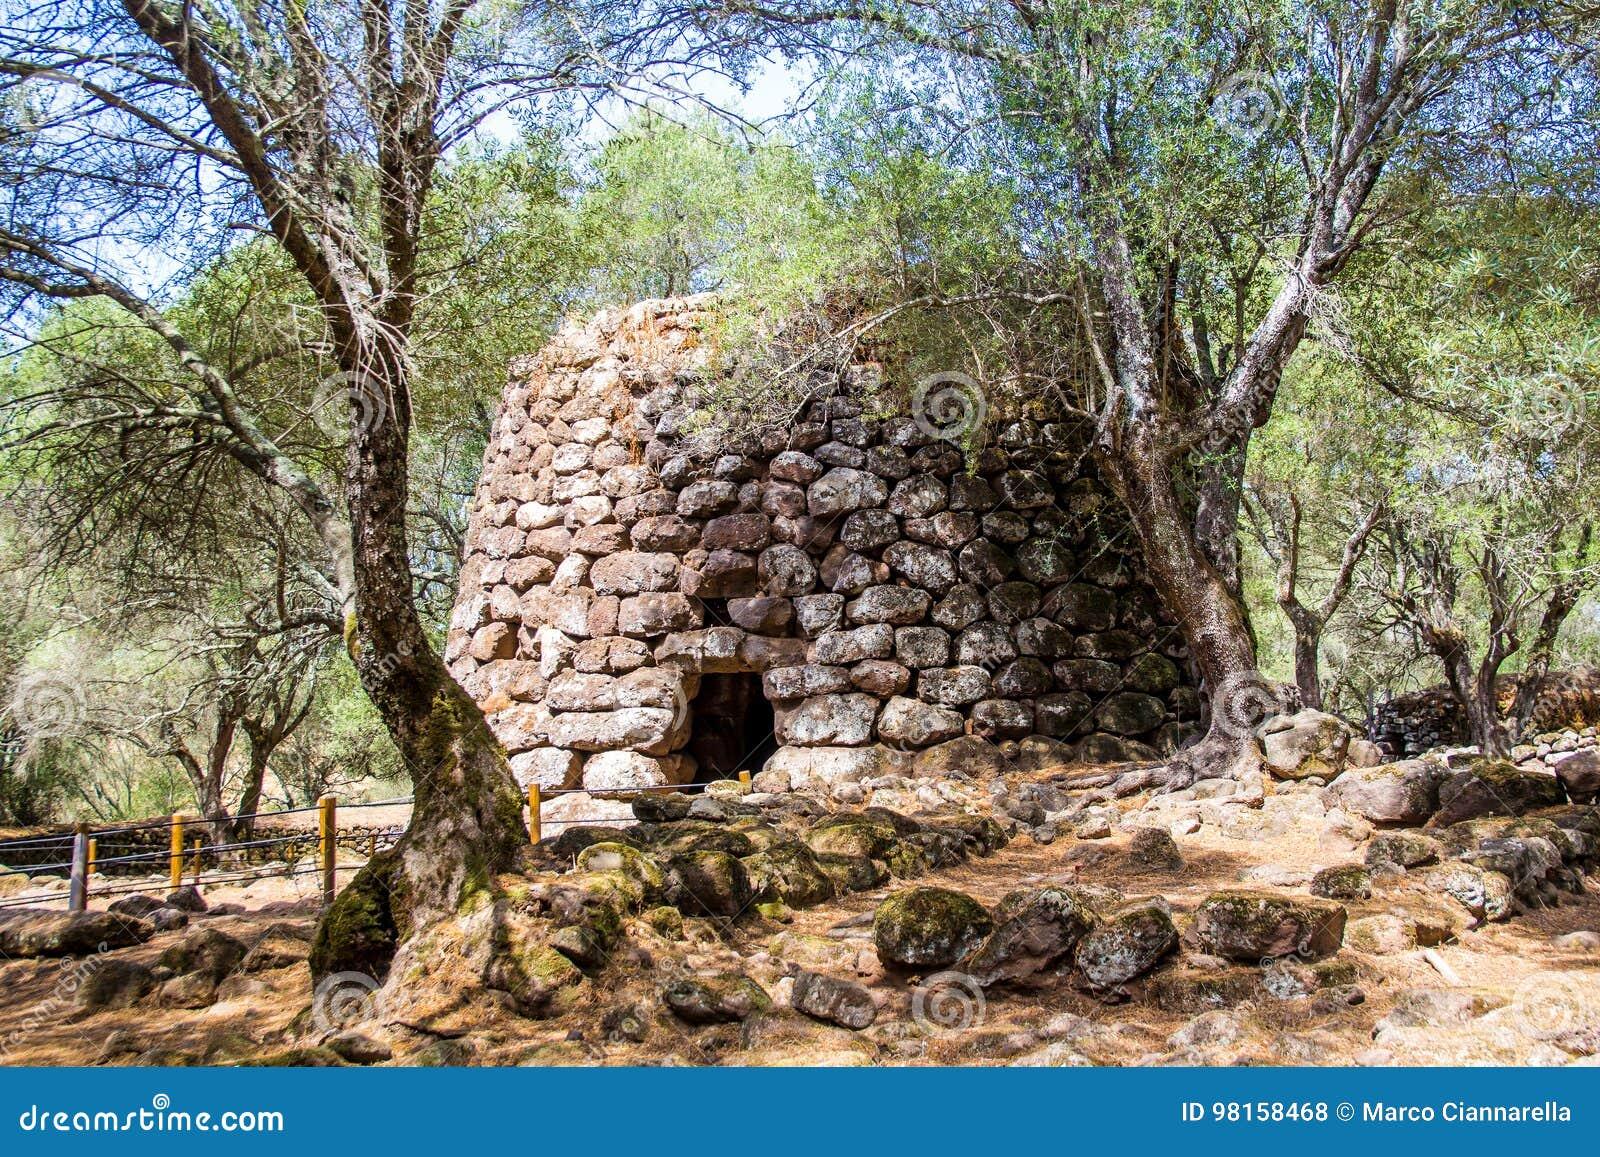 Ein nuraghe im nuragic Schongebiet von Santa Cristina, nahe Orist